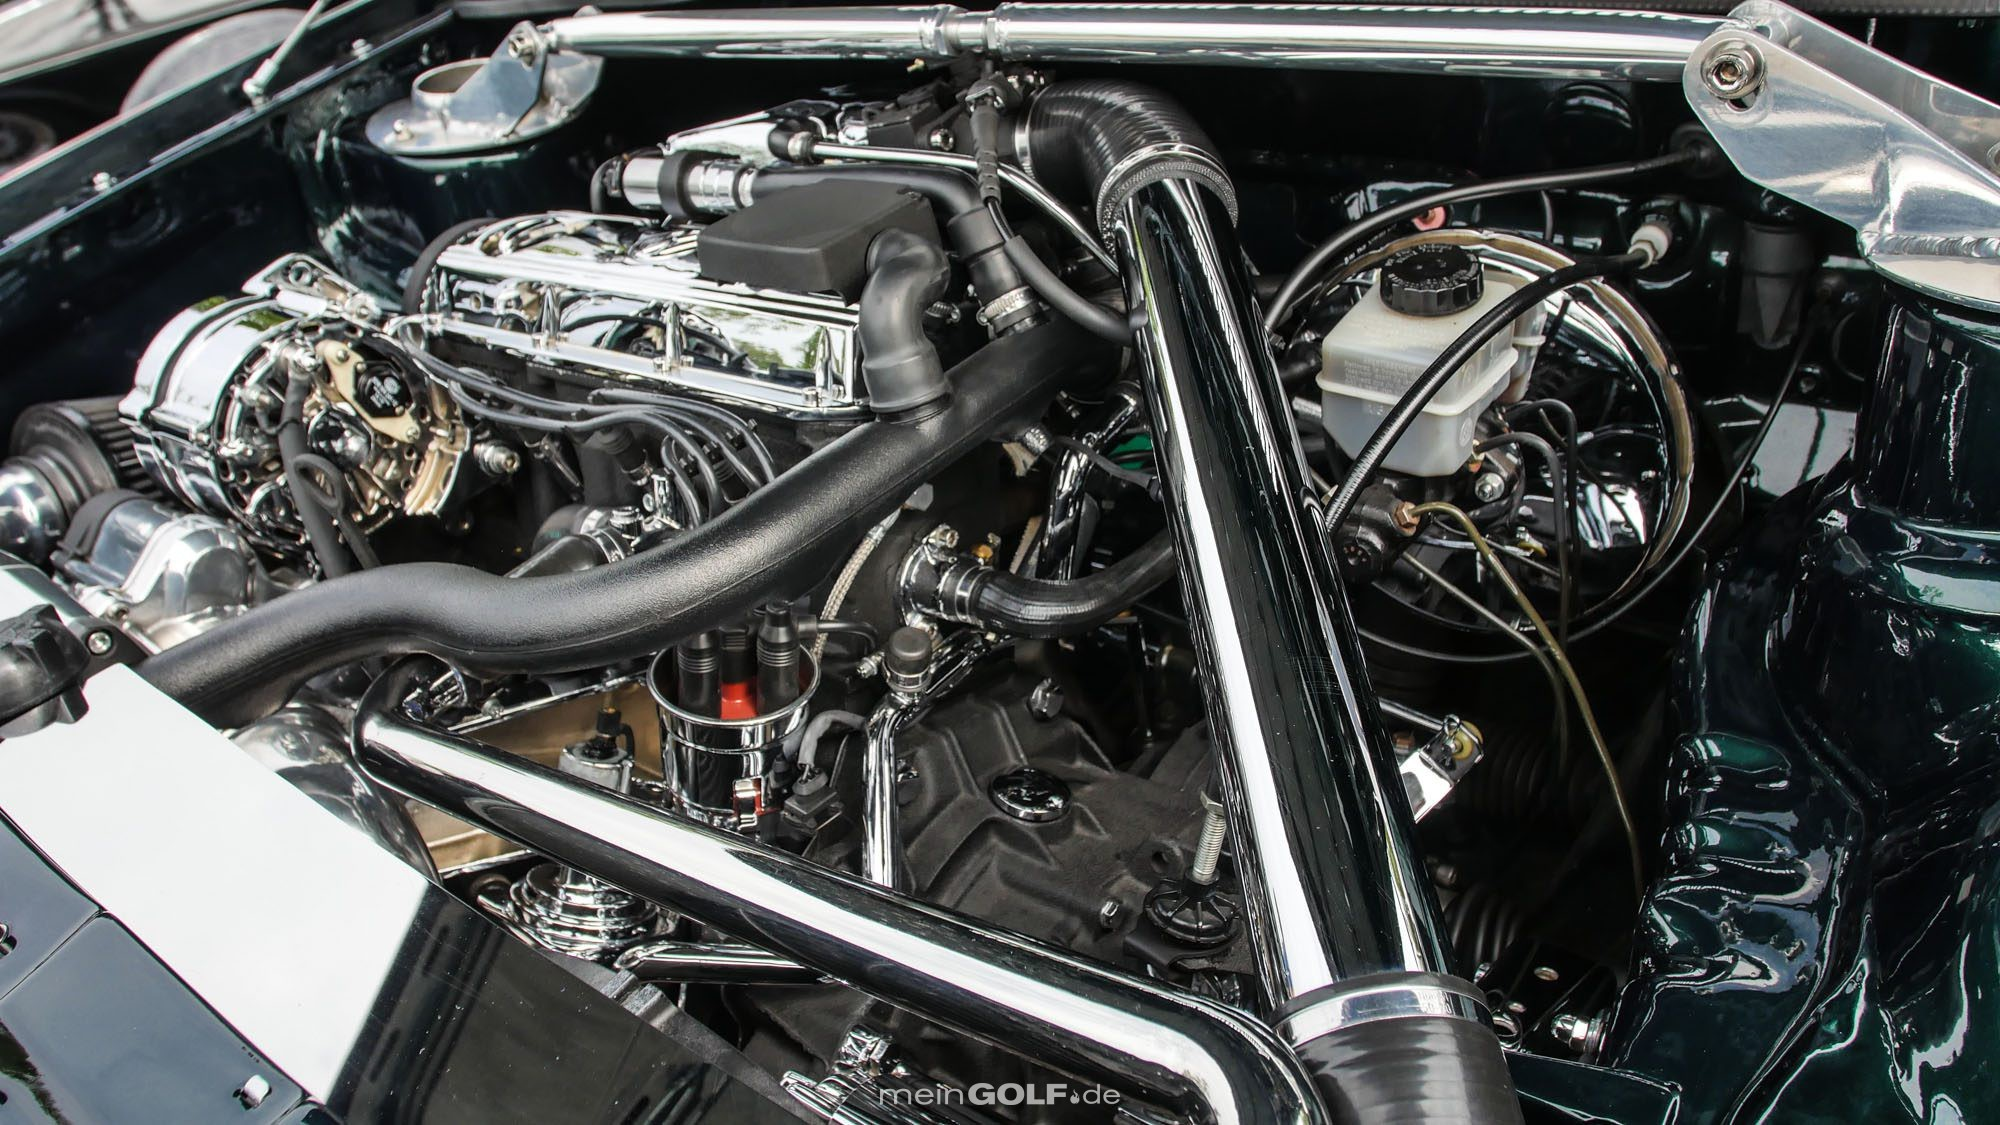 Auch der Motorraum des VW Golf Cabrio ist ein echter Hingucker!